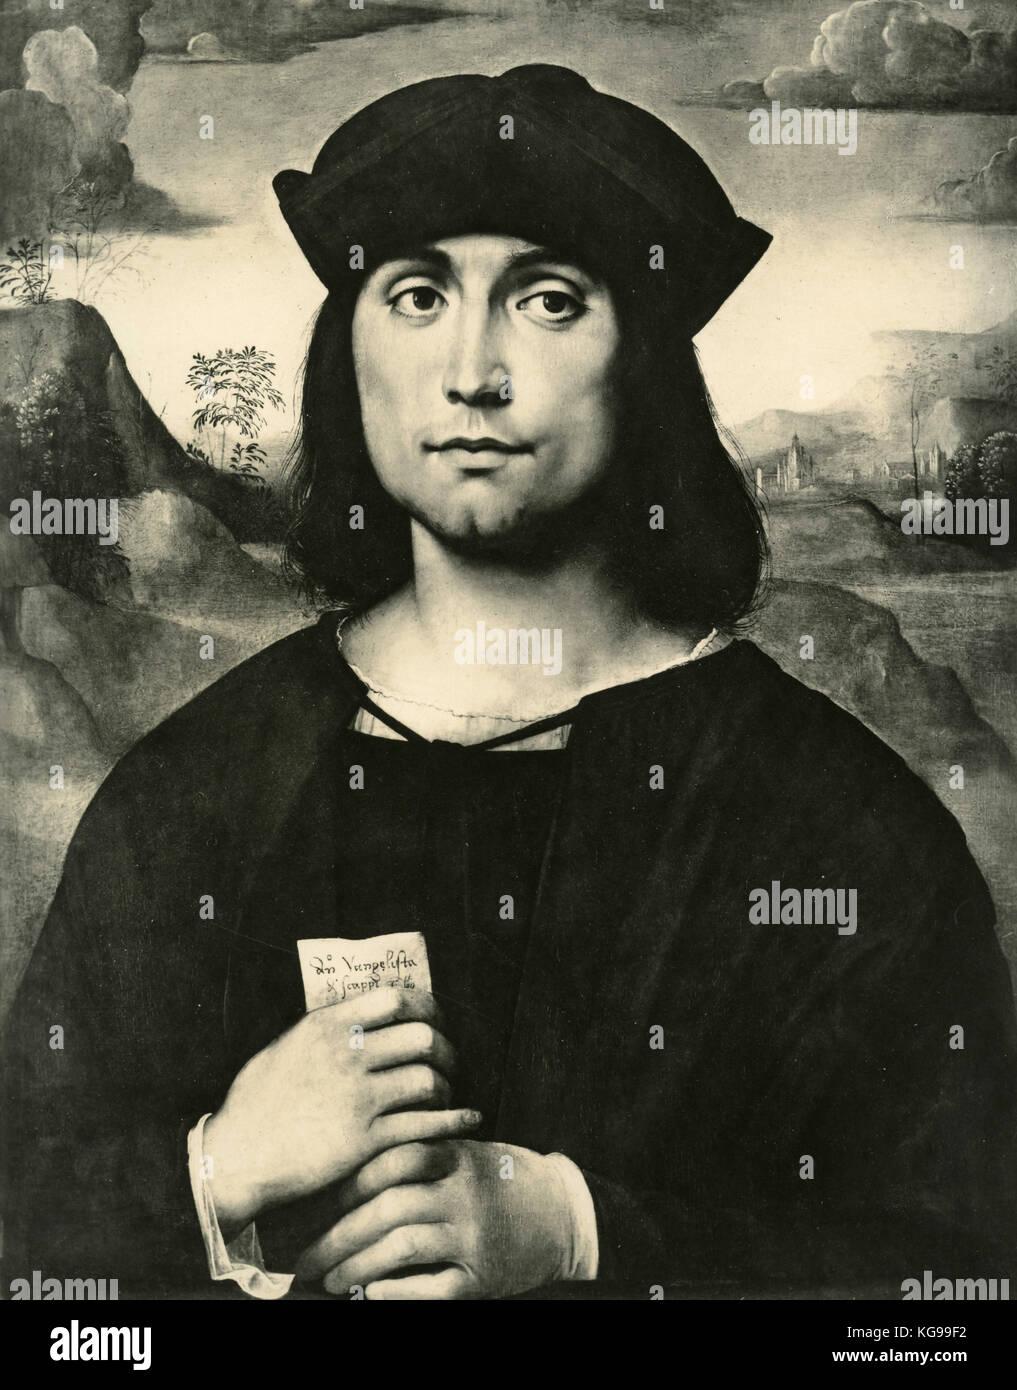 Ritratto di Evangelista Scappi, dipinto da Francesco Francia Immagini Stock